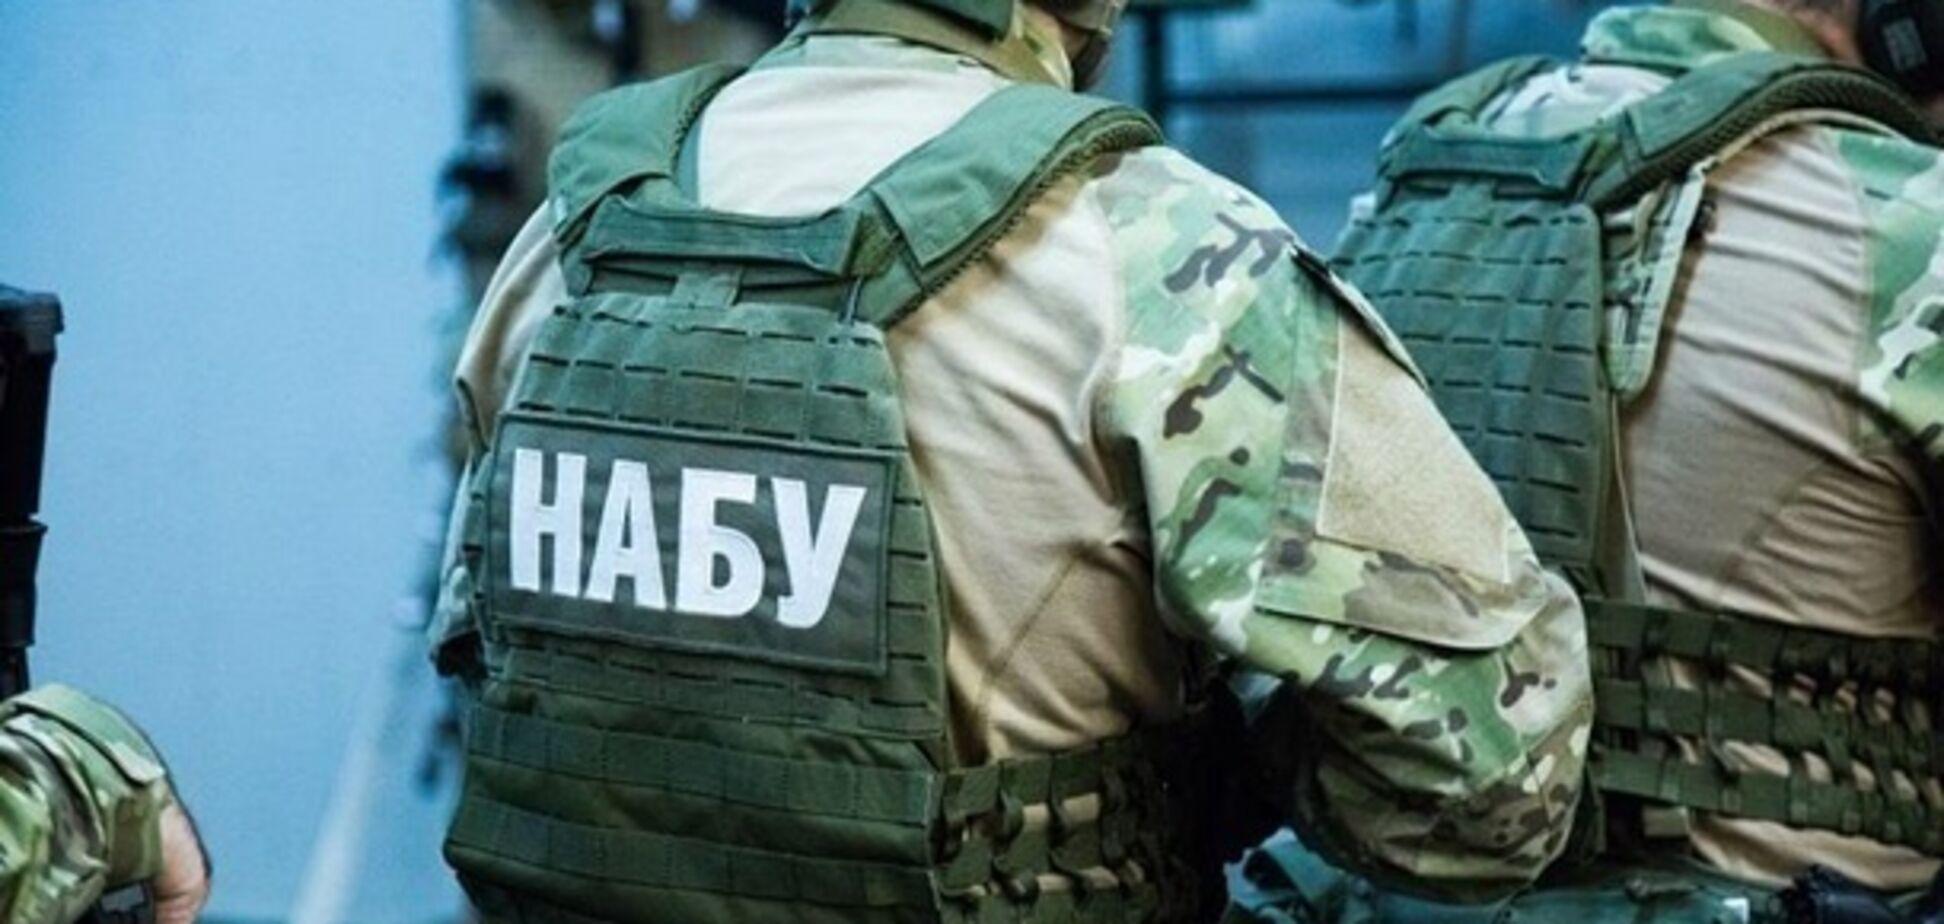 Конфликт возле САП: Генпрокуратура вызвала двух сотрудников НАБУ